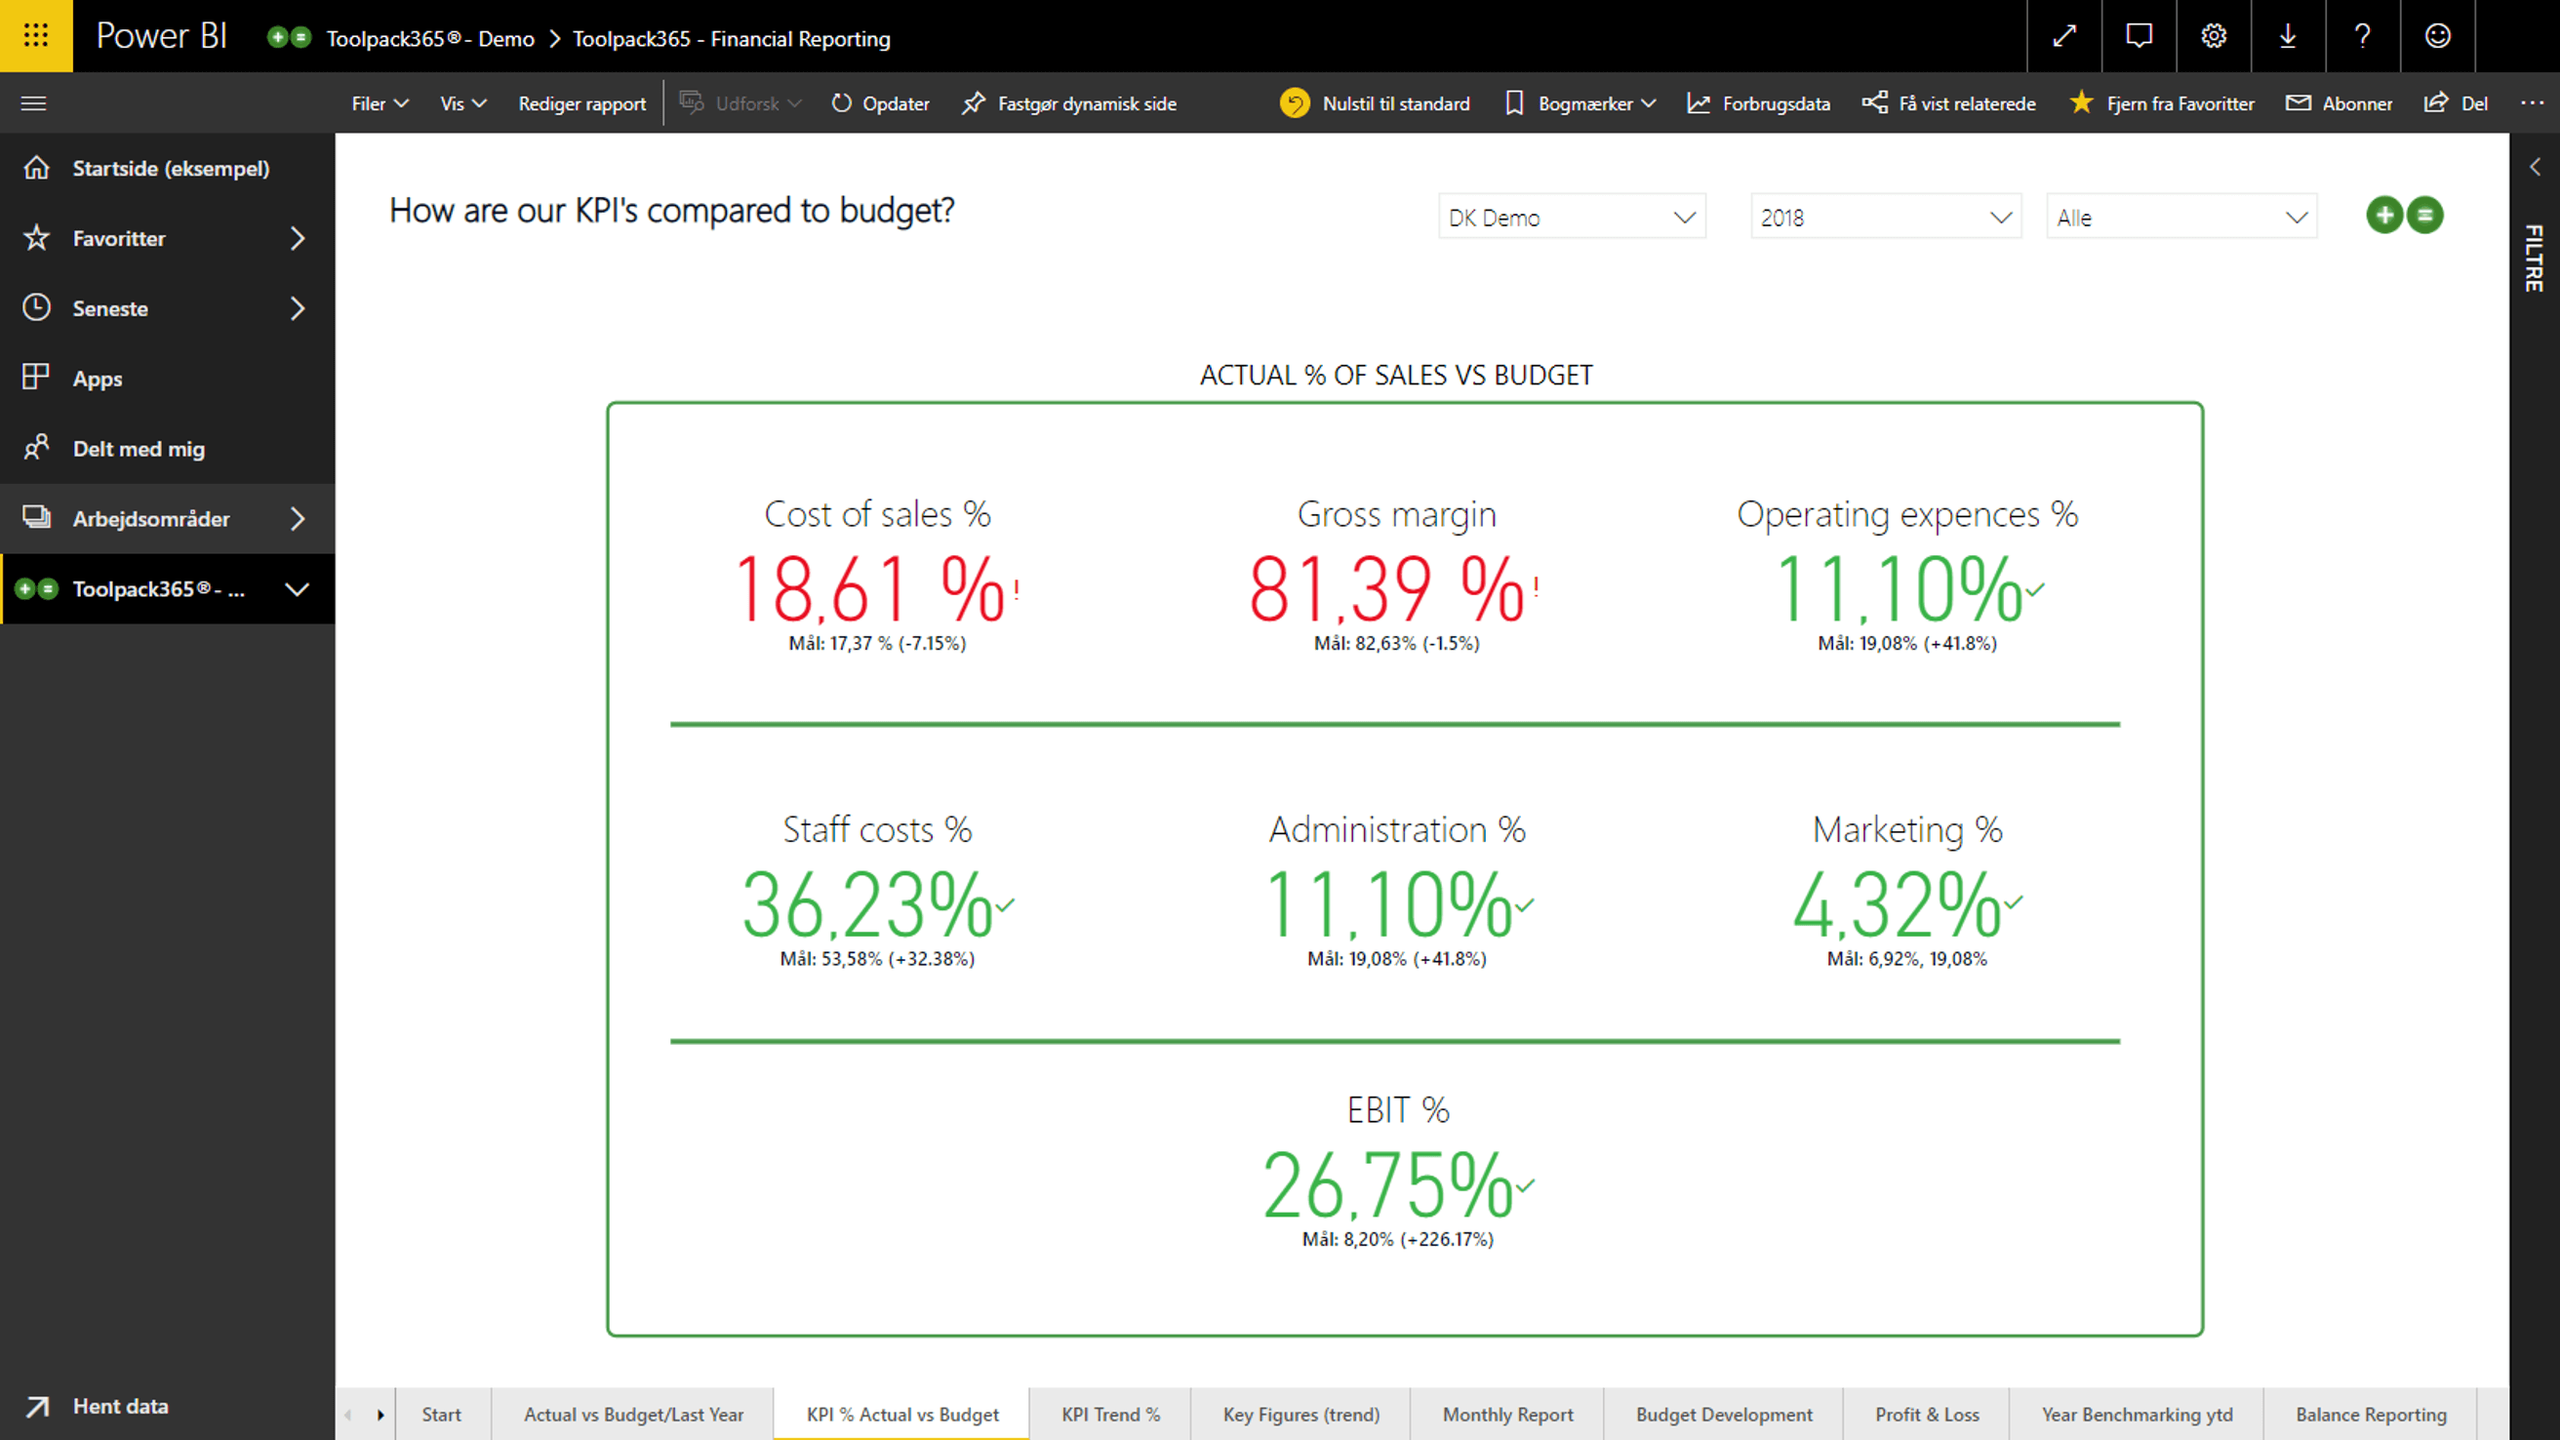 KPI Actual vs Budget